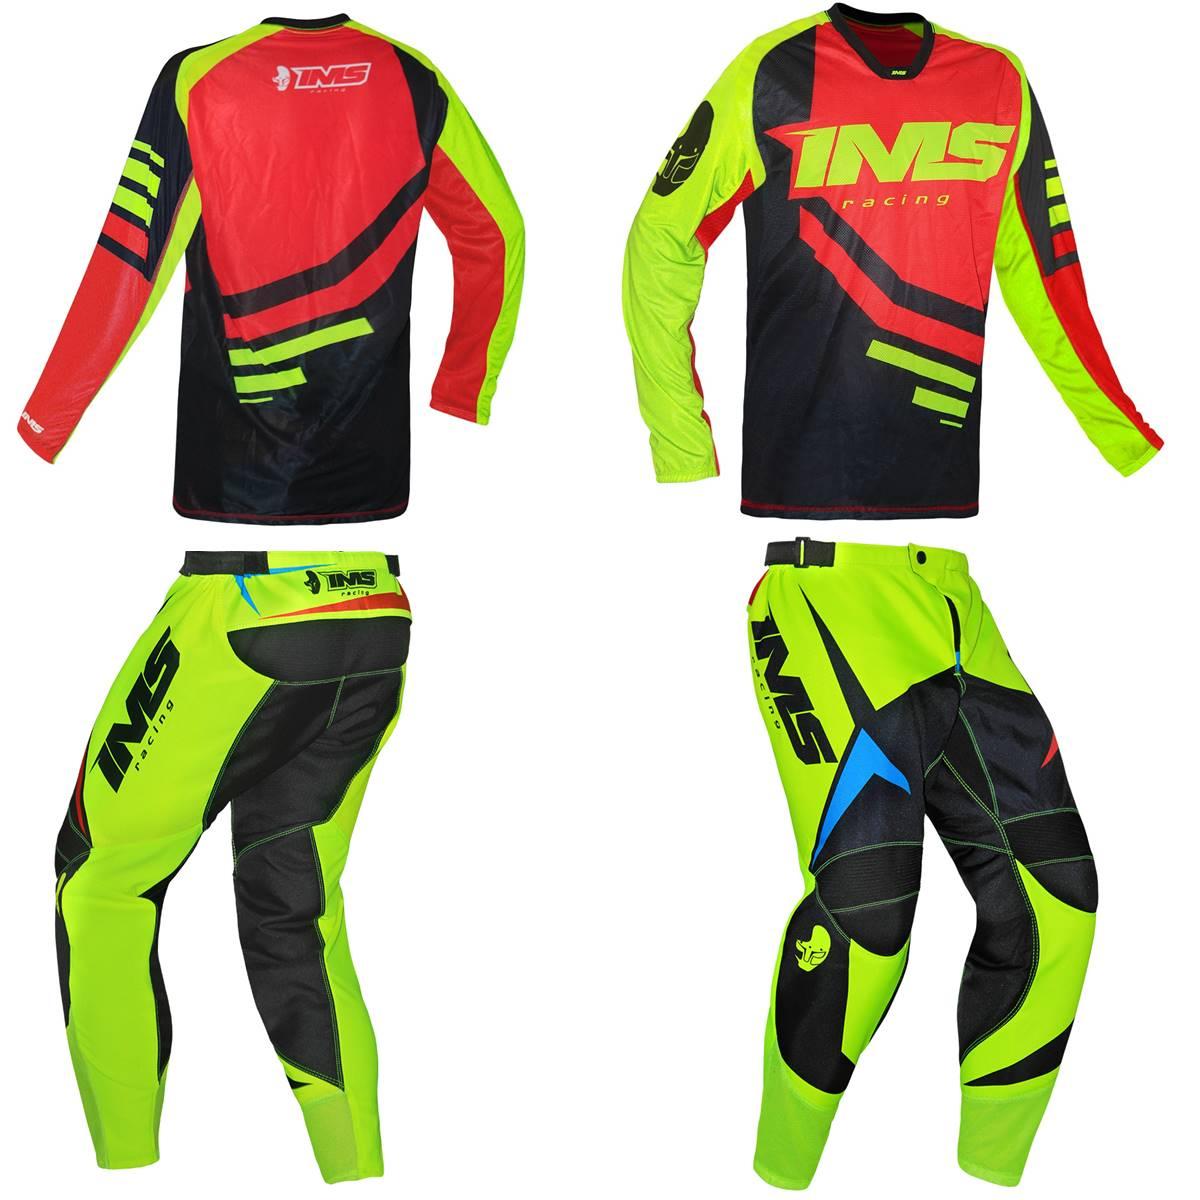 Kit Roupa Ims Camisa Sprint Calça Flex Amarelo Flúor Vermelho Preto Motocross Trilha